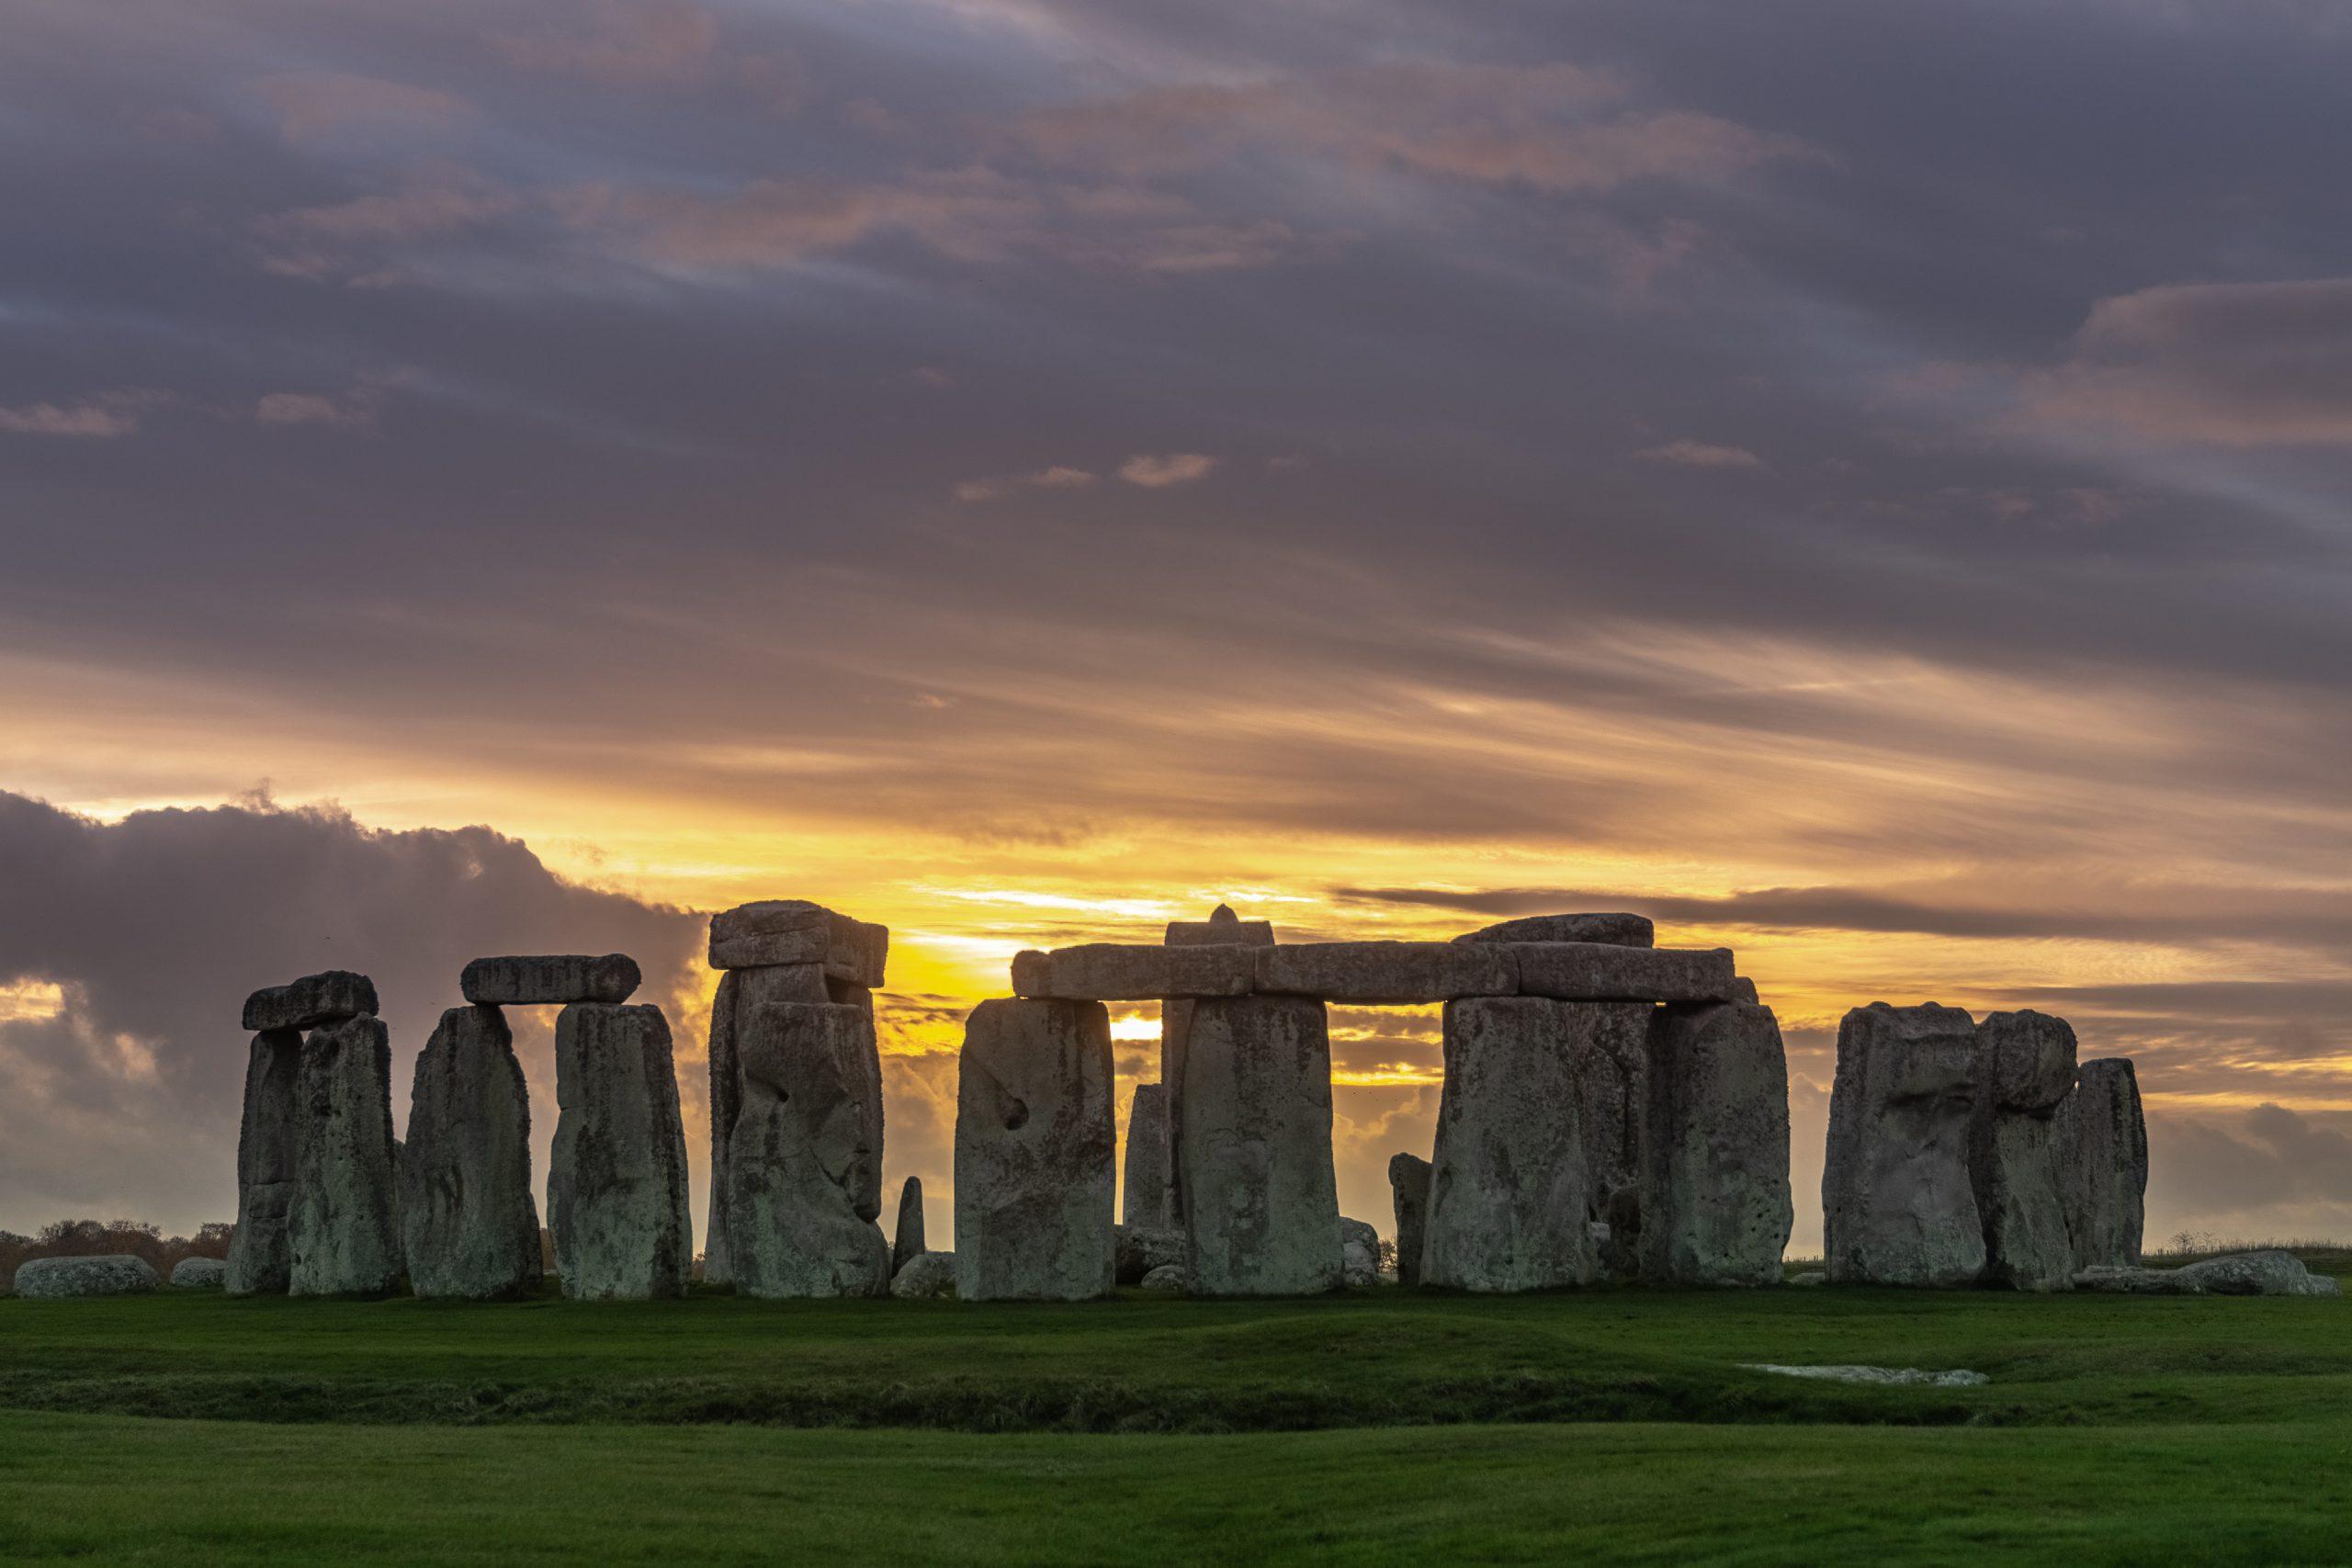 غياب العامل الاقتصادي في المحافظة على التراث العمراني